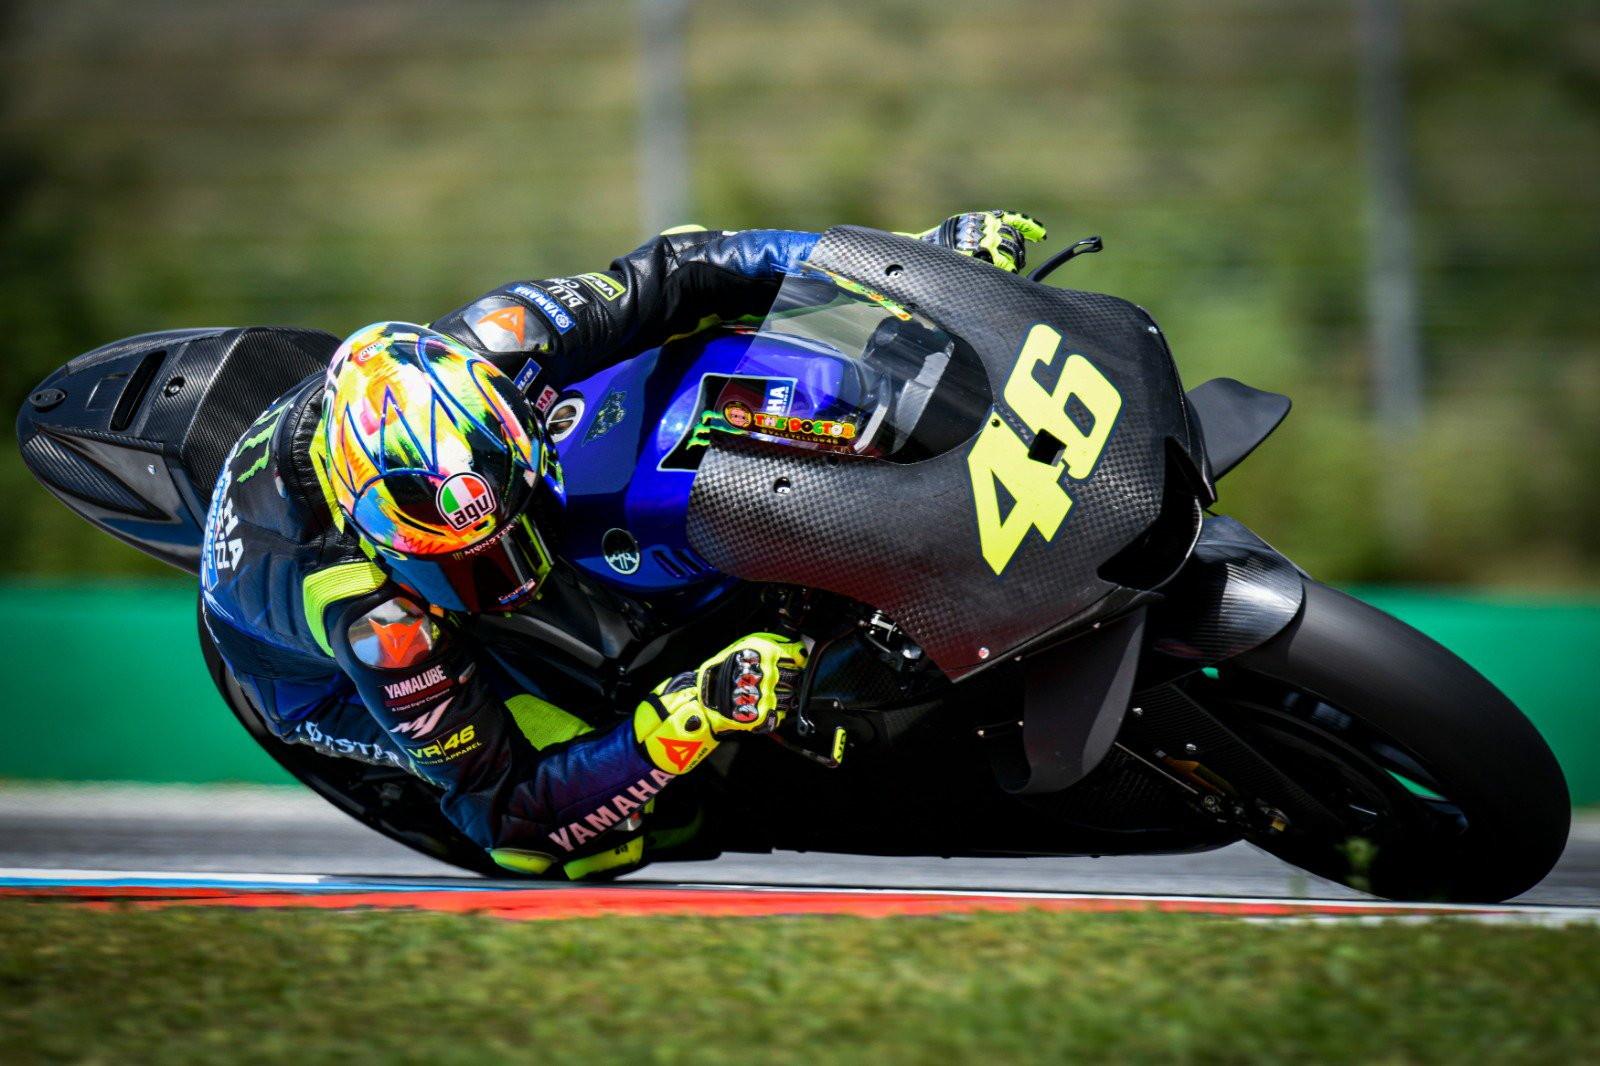 Calendario Valentino Rossi 2020.Rossi E Gia Nel 2020 Test Con La Nuova Yamaha News